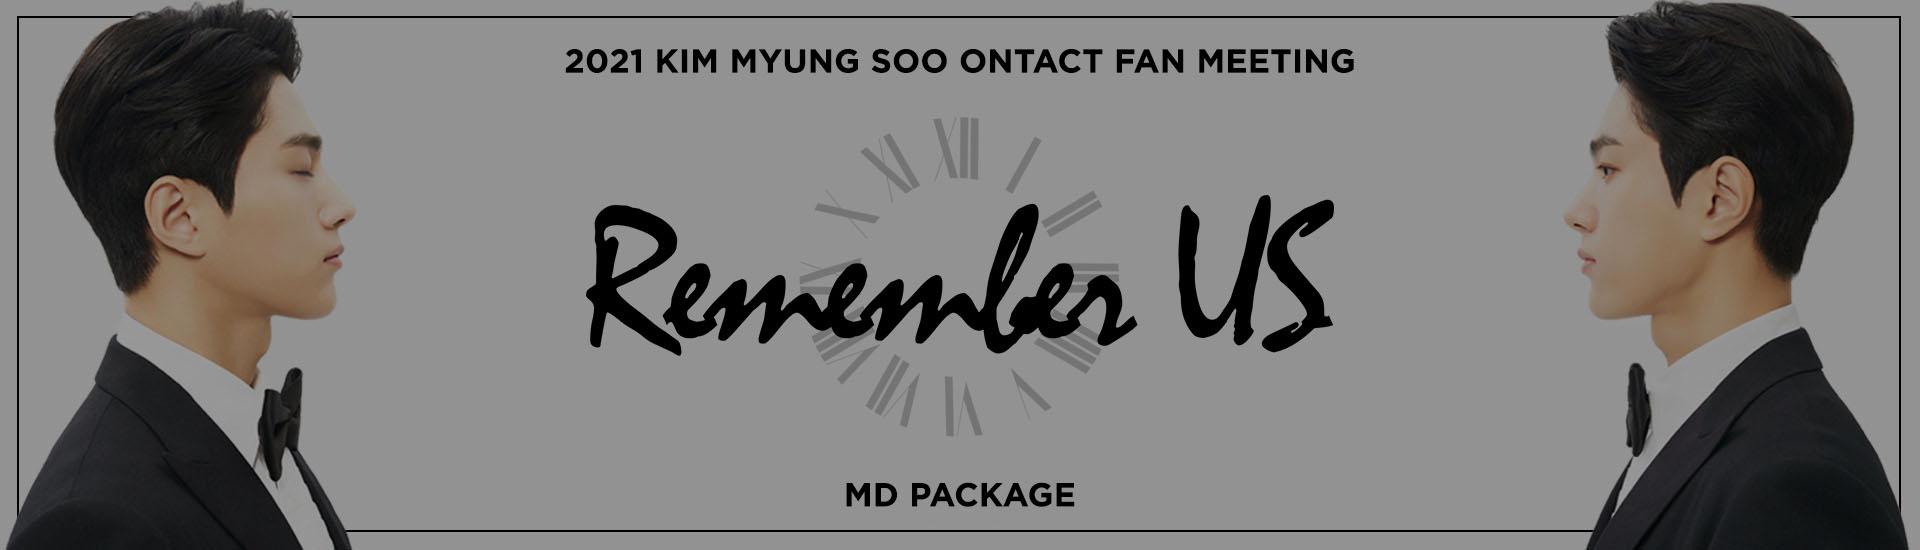 KIM MYUNG SOO - 2021 KIM MYUNG SOO ONTACT FAN MEETING MD PACKAGE